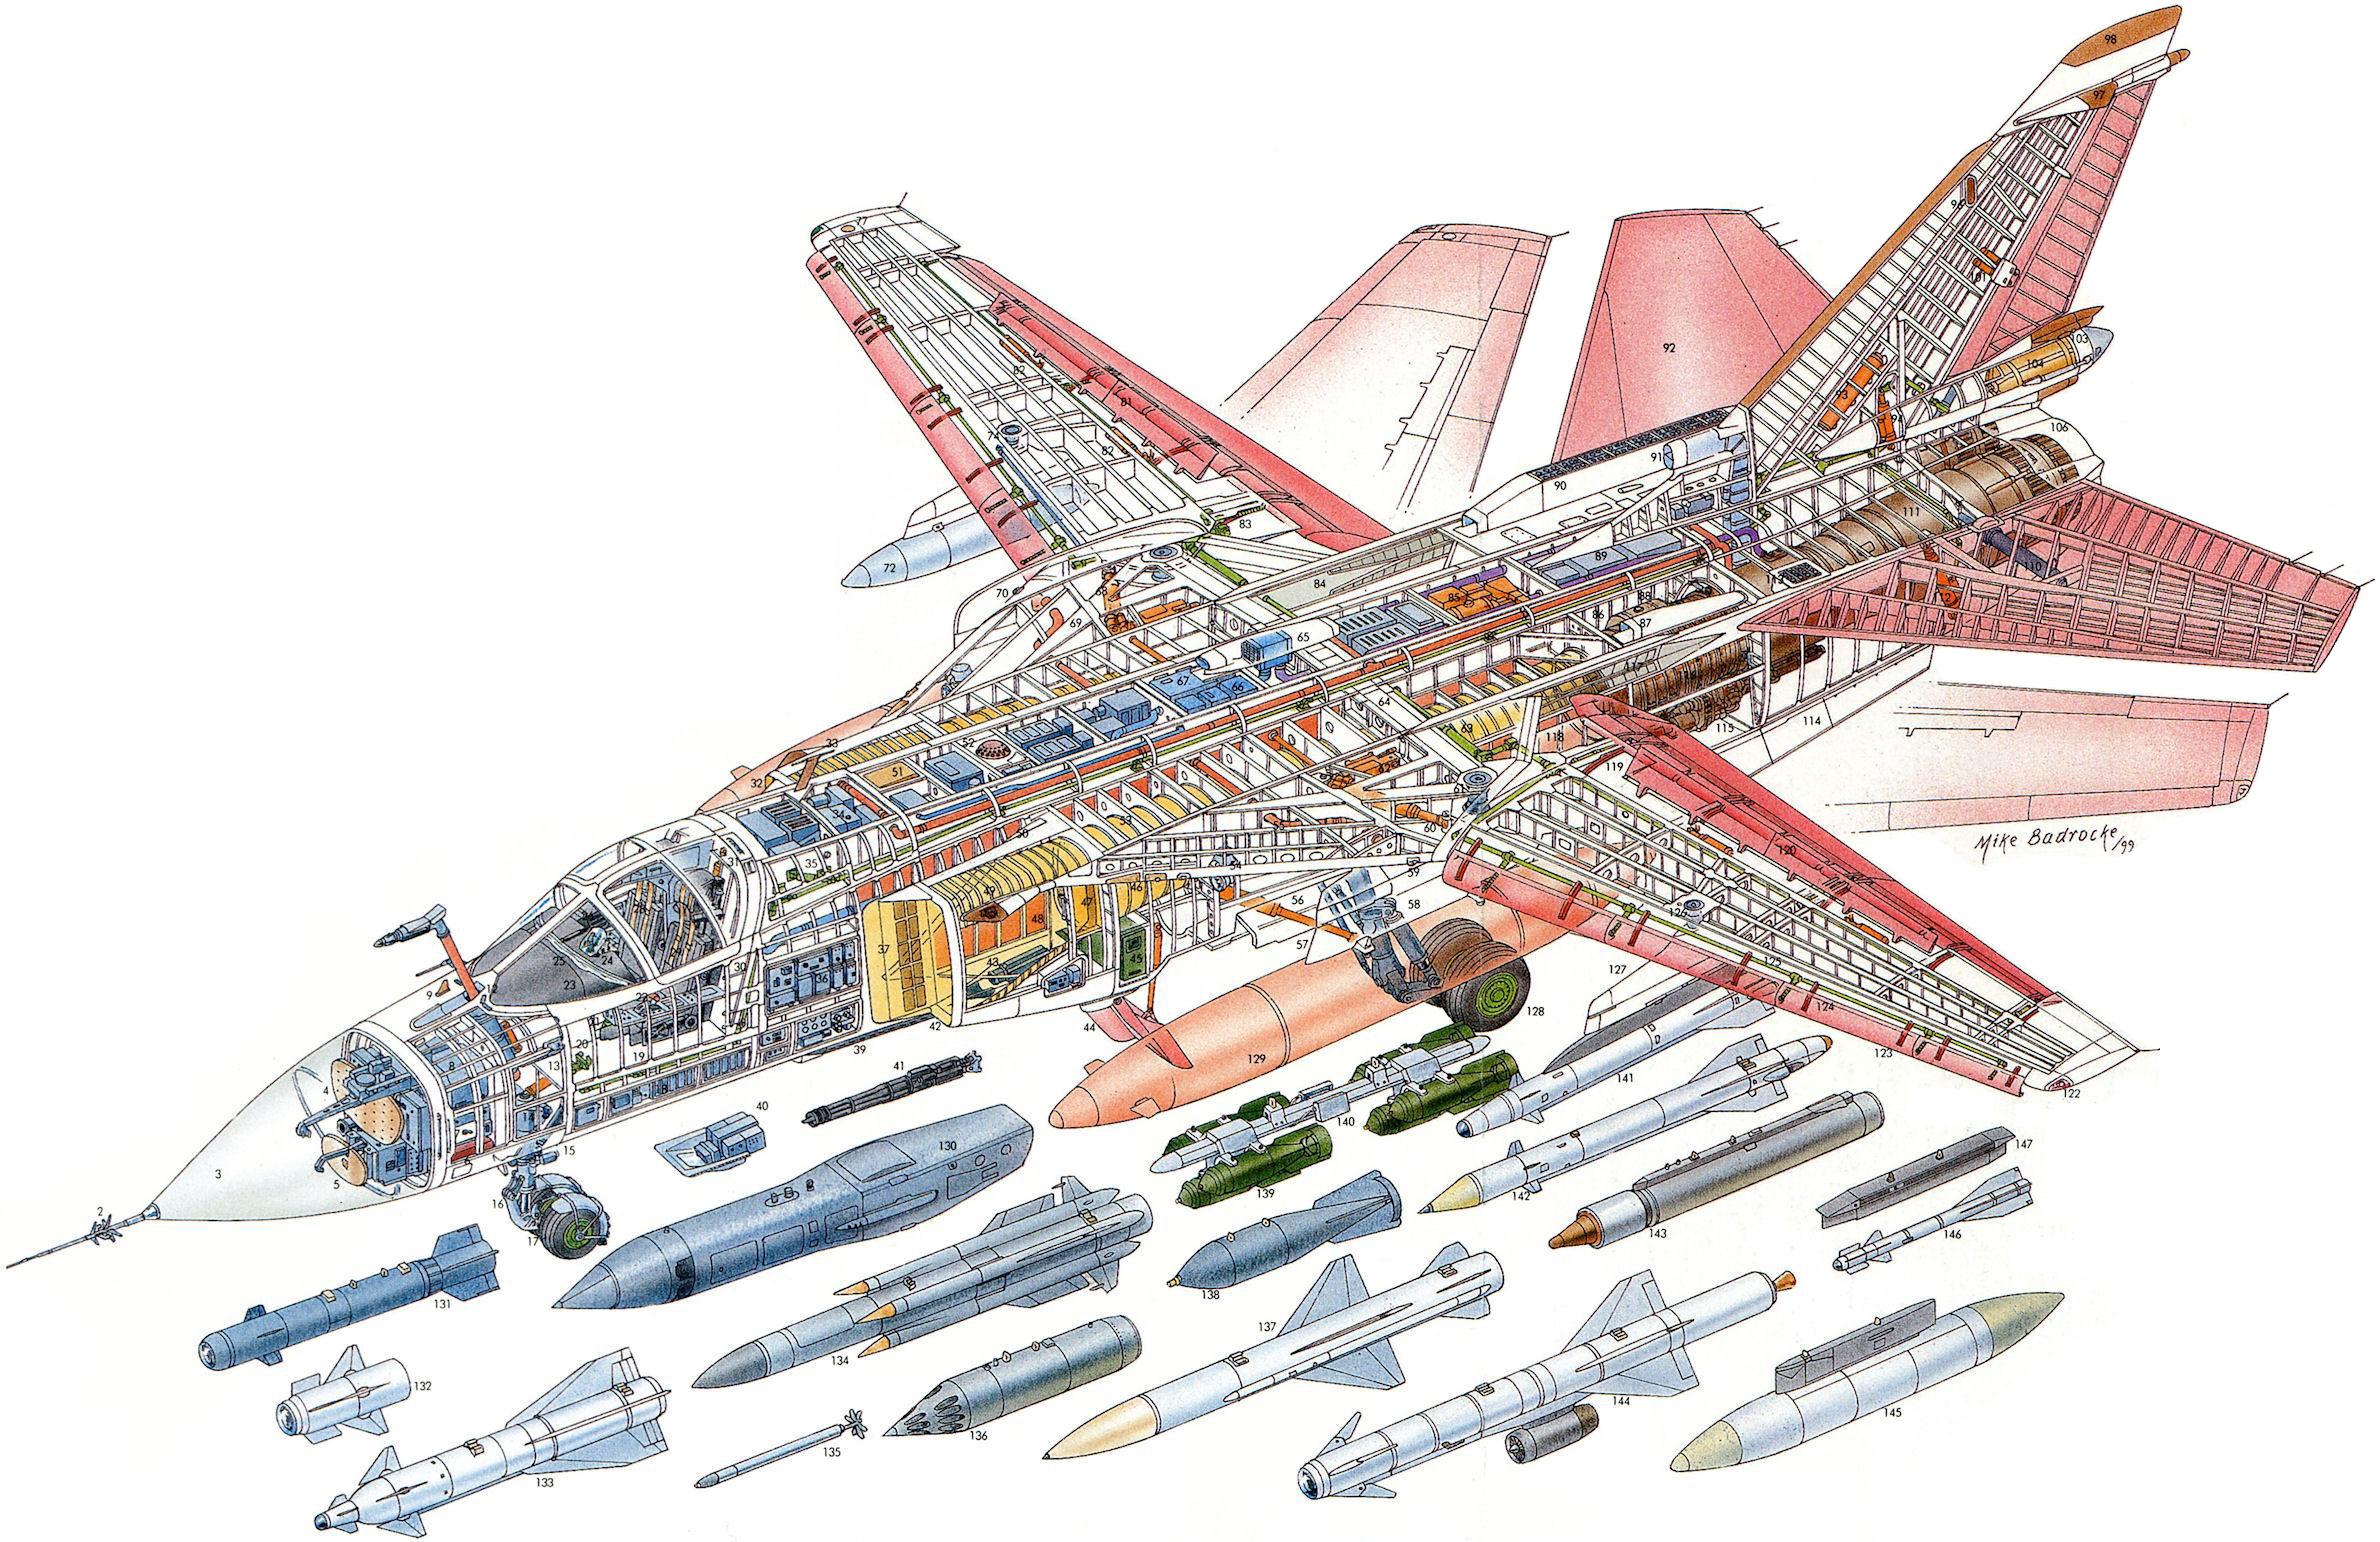 Sukhoi Su-24 cutaway